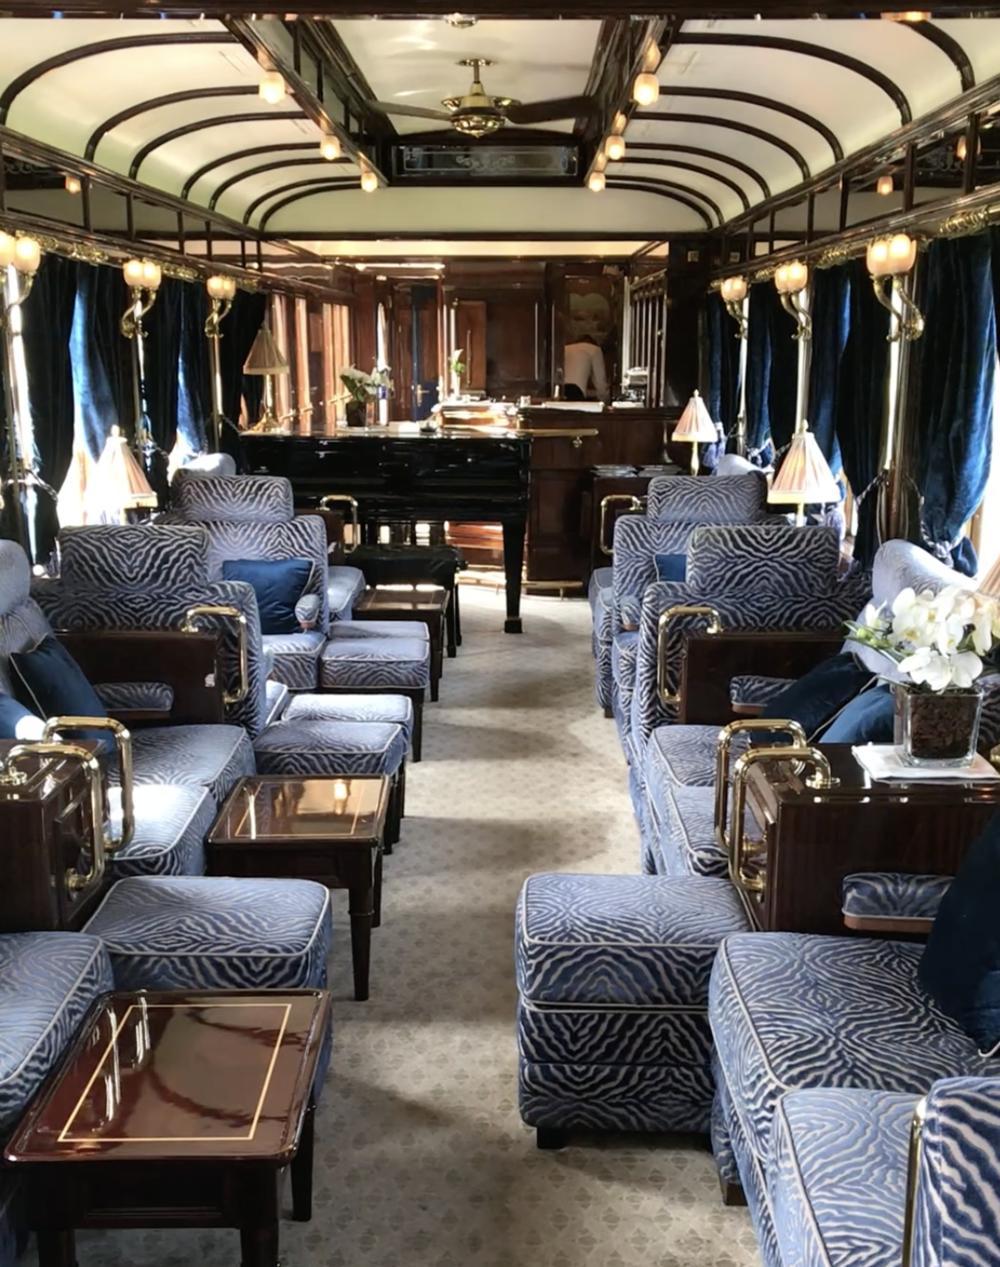 Art Deco Bar Car 3674 onboard the Orient Express